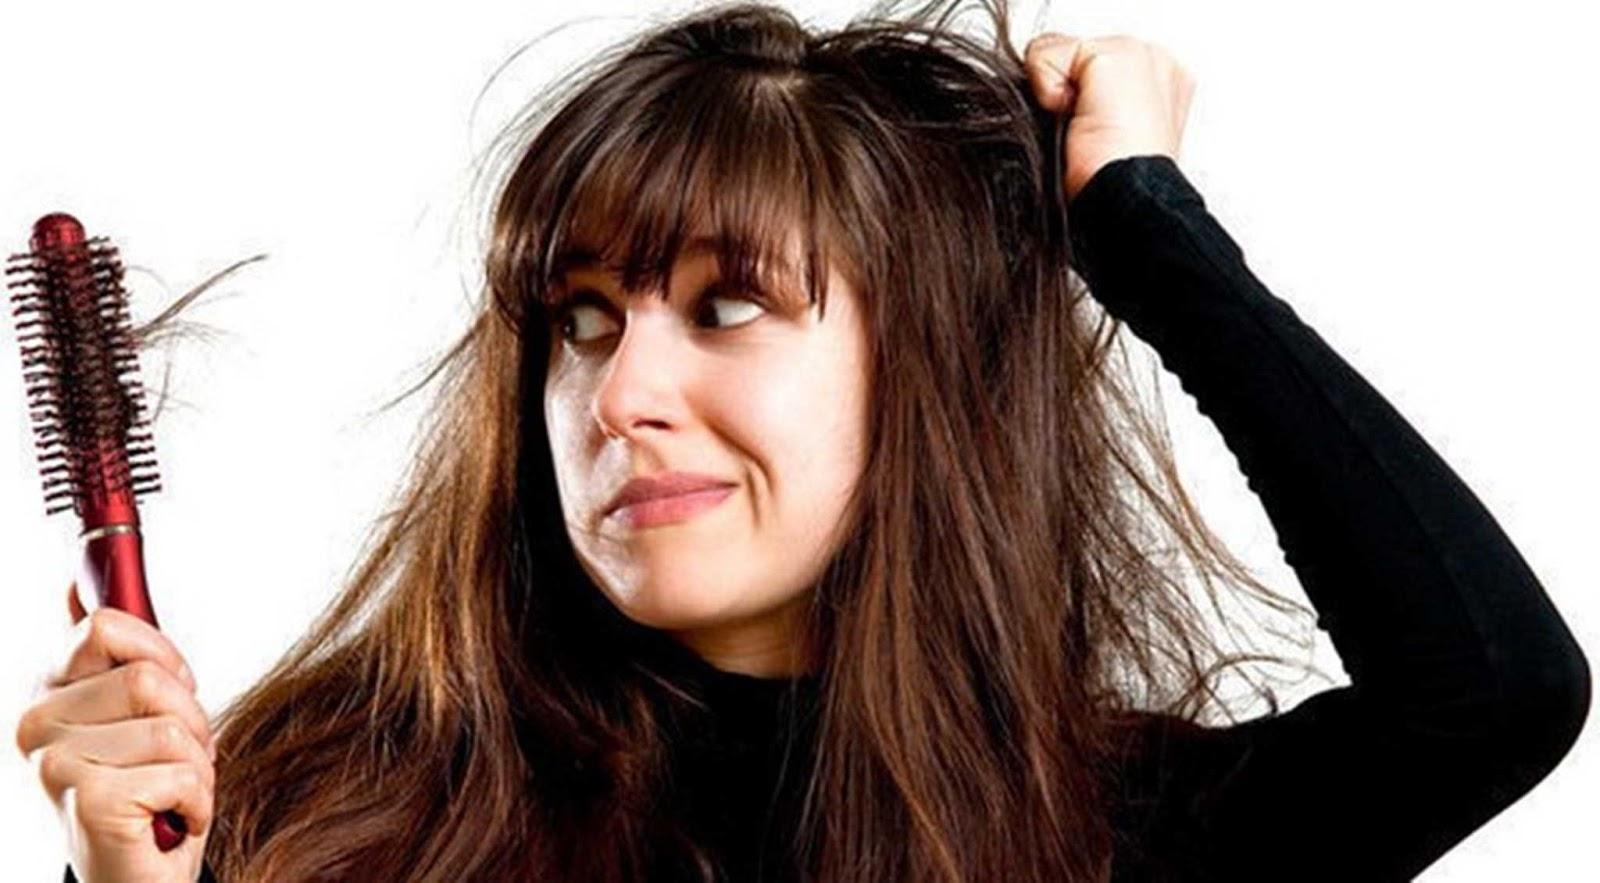 Pengobatan Alami Efektif untuk Mengendalikan Rambut Rontok